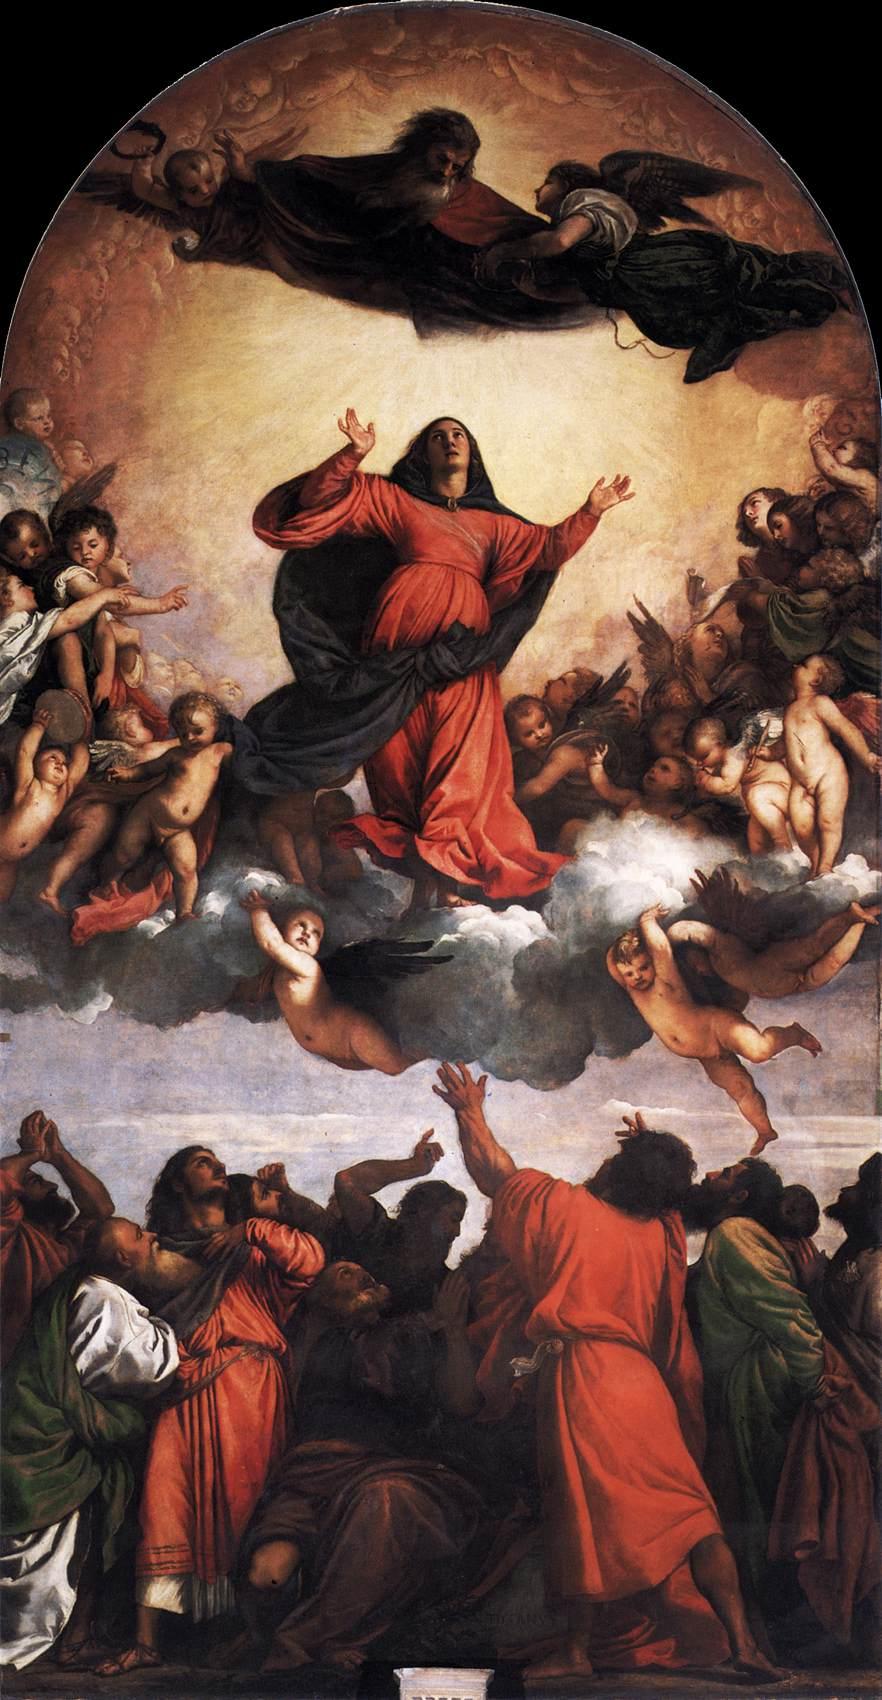 聖母被昇天 ティツィアーノ・ヴェチェッリオ, 1516-18 サンタ・マリア・グロリオーサ・デイ・フラーリ大聖堂, ヴェネツィア